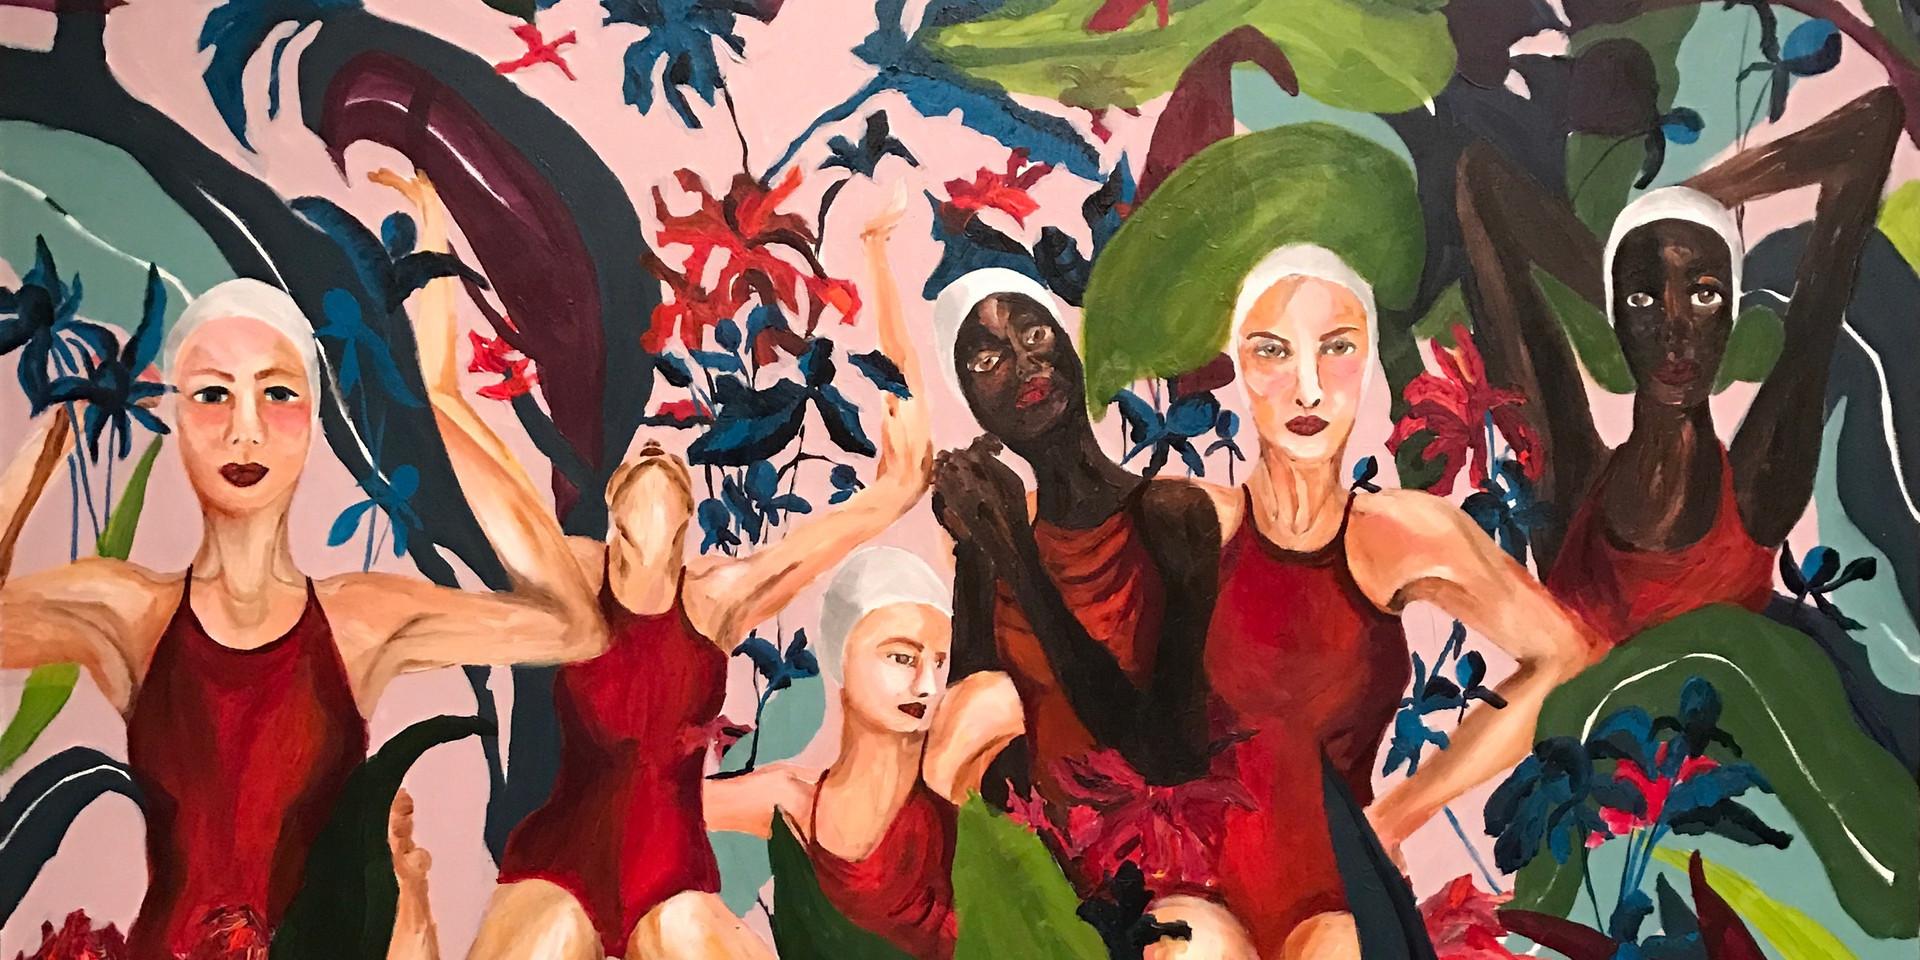 FluxoFloração I. - Left panel (triptych)